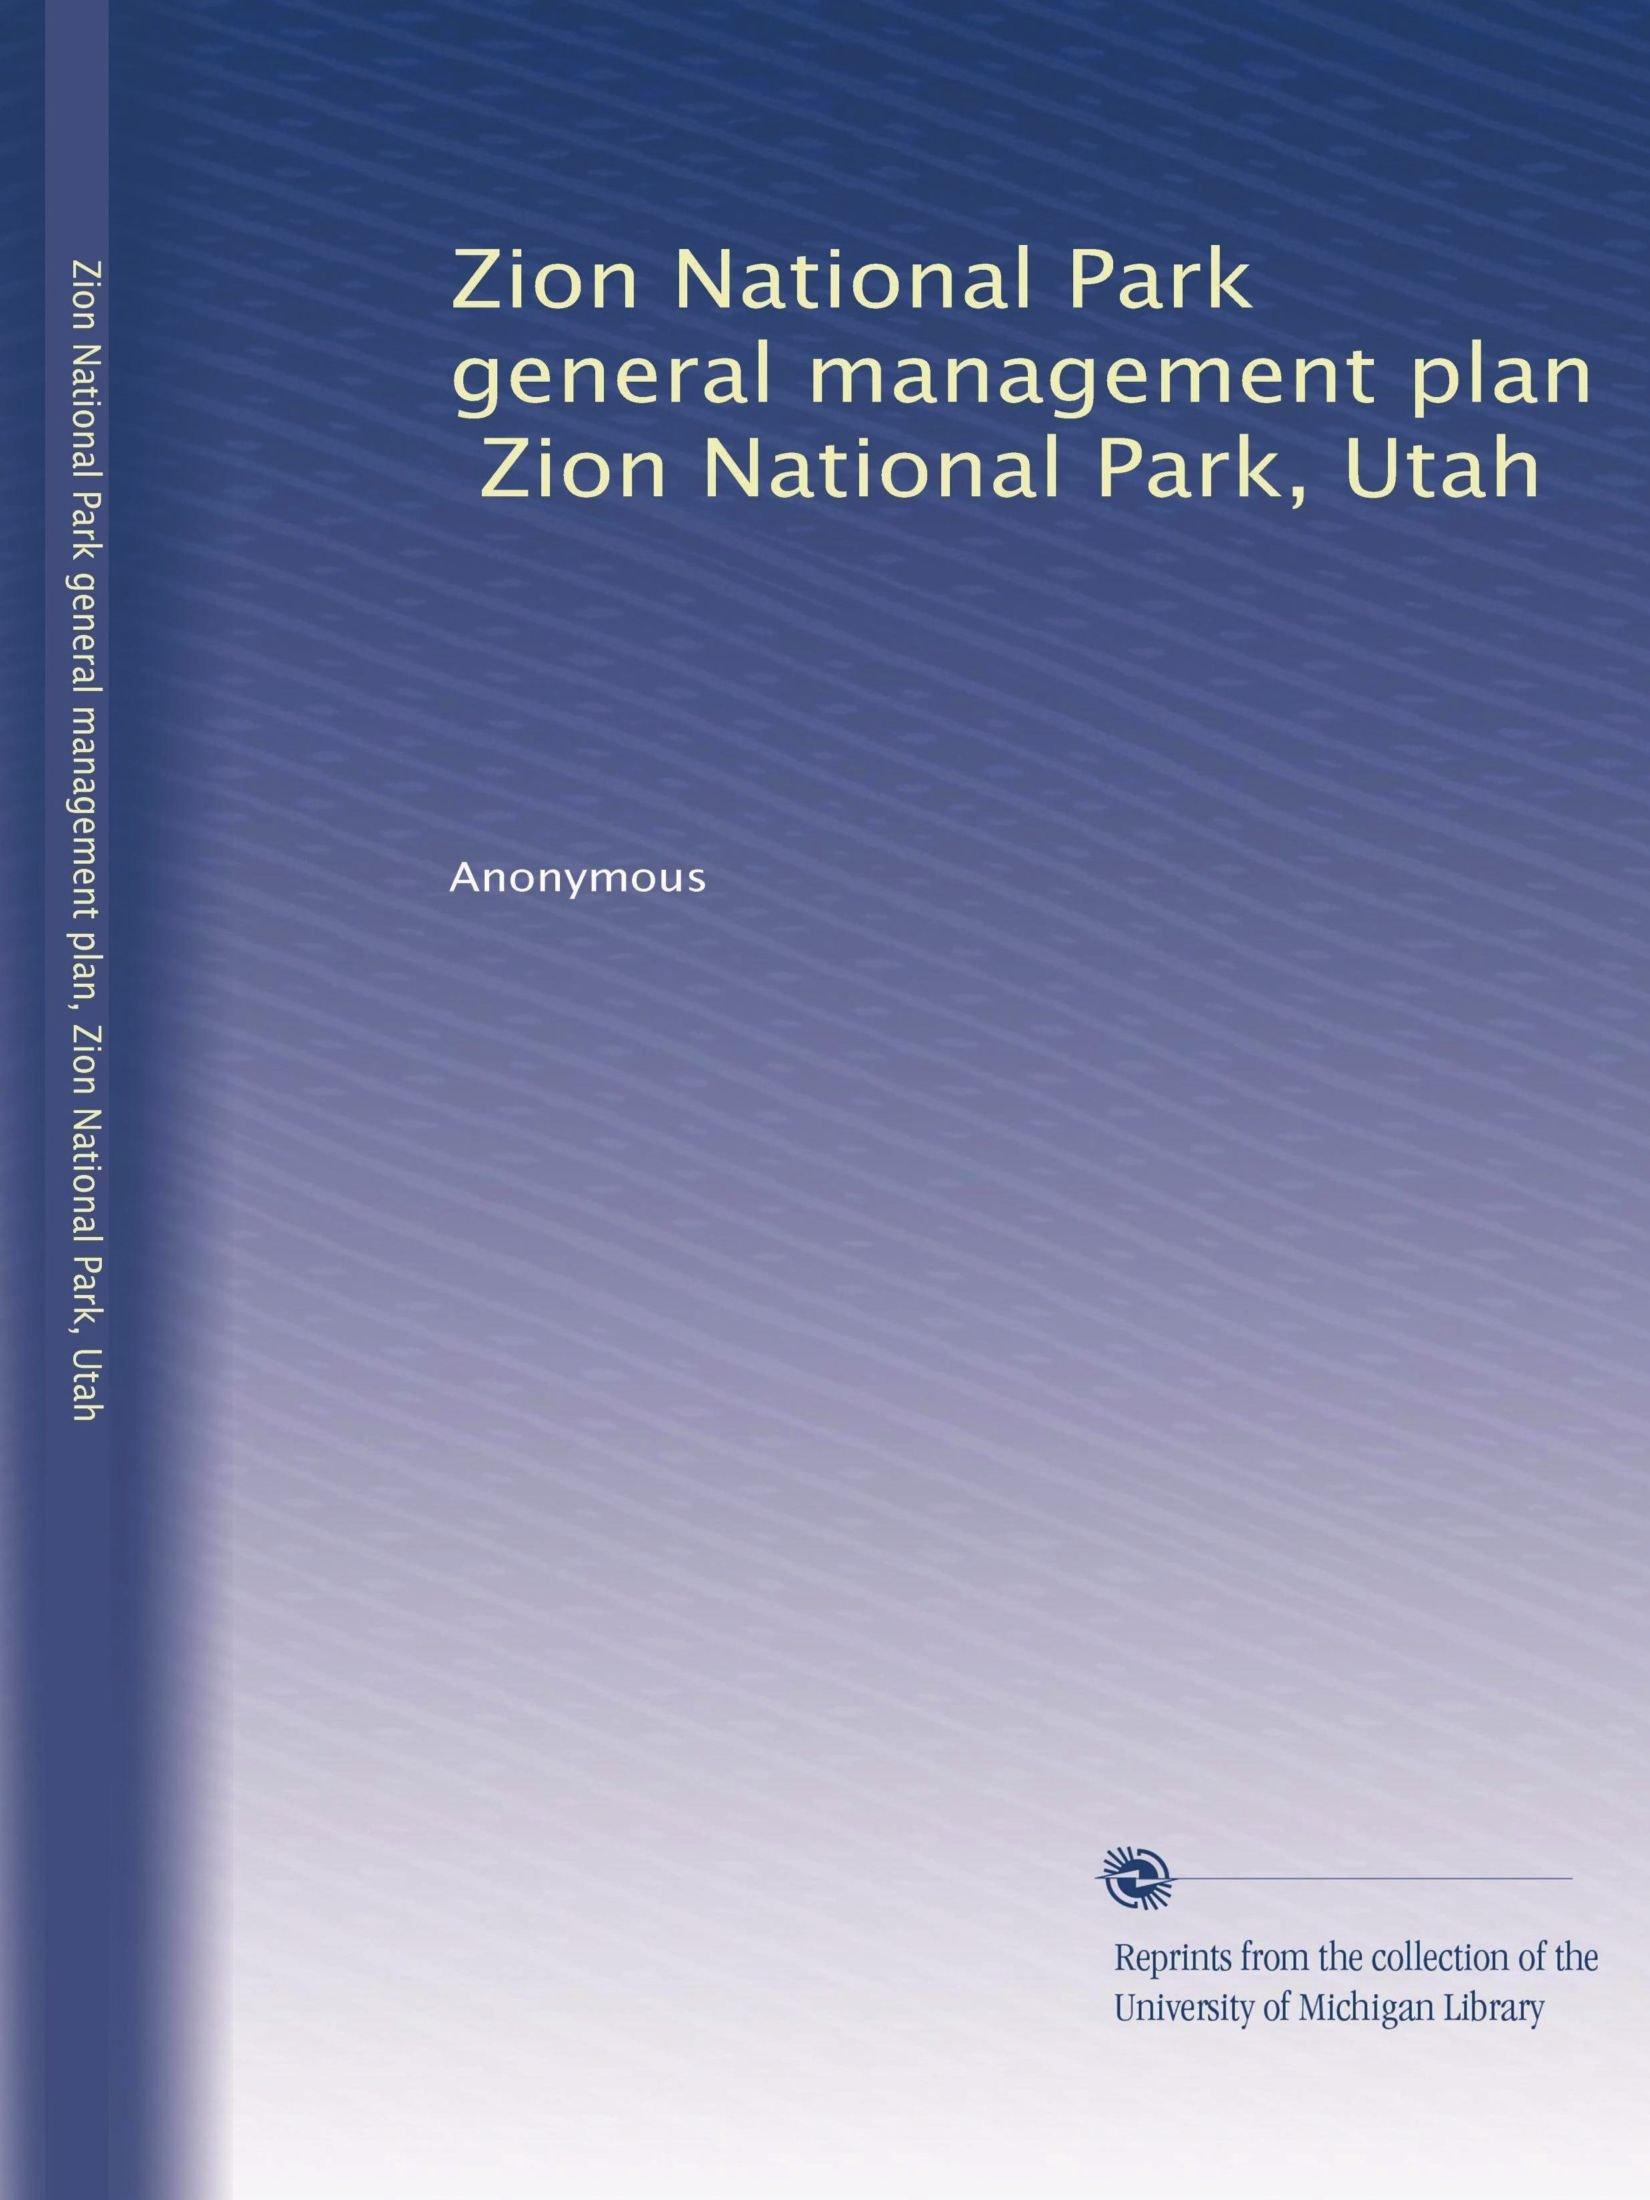 Zion National Park general management plan, Zion National Park, Utah PDF